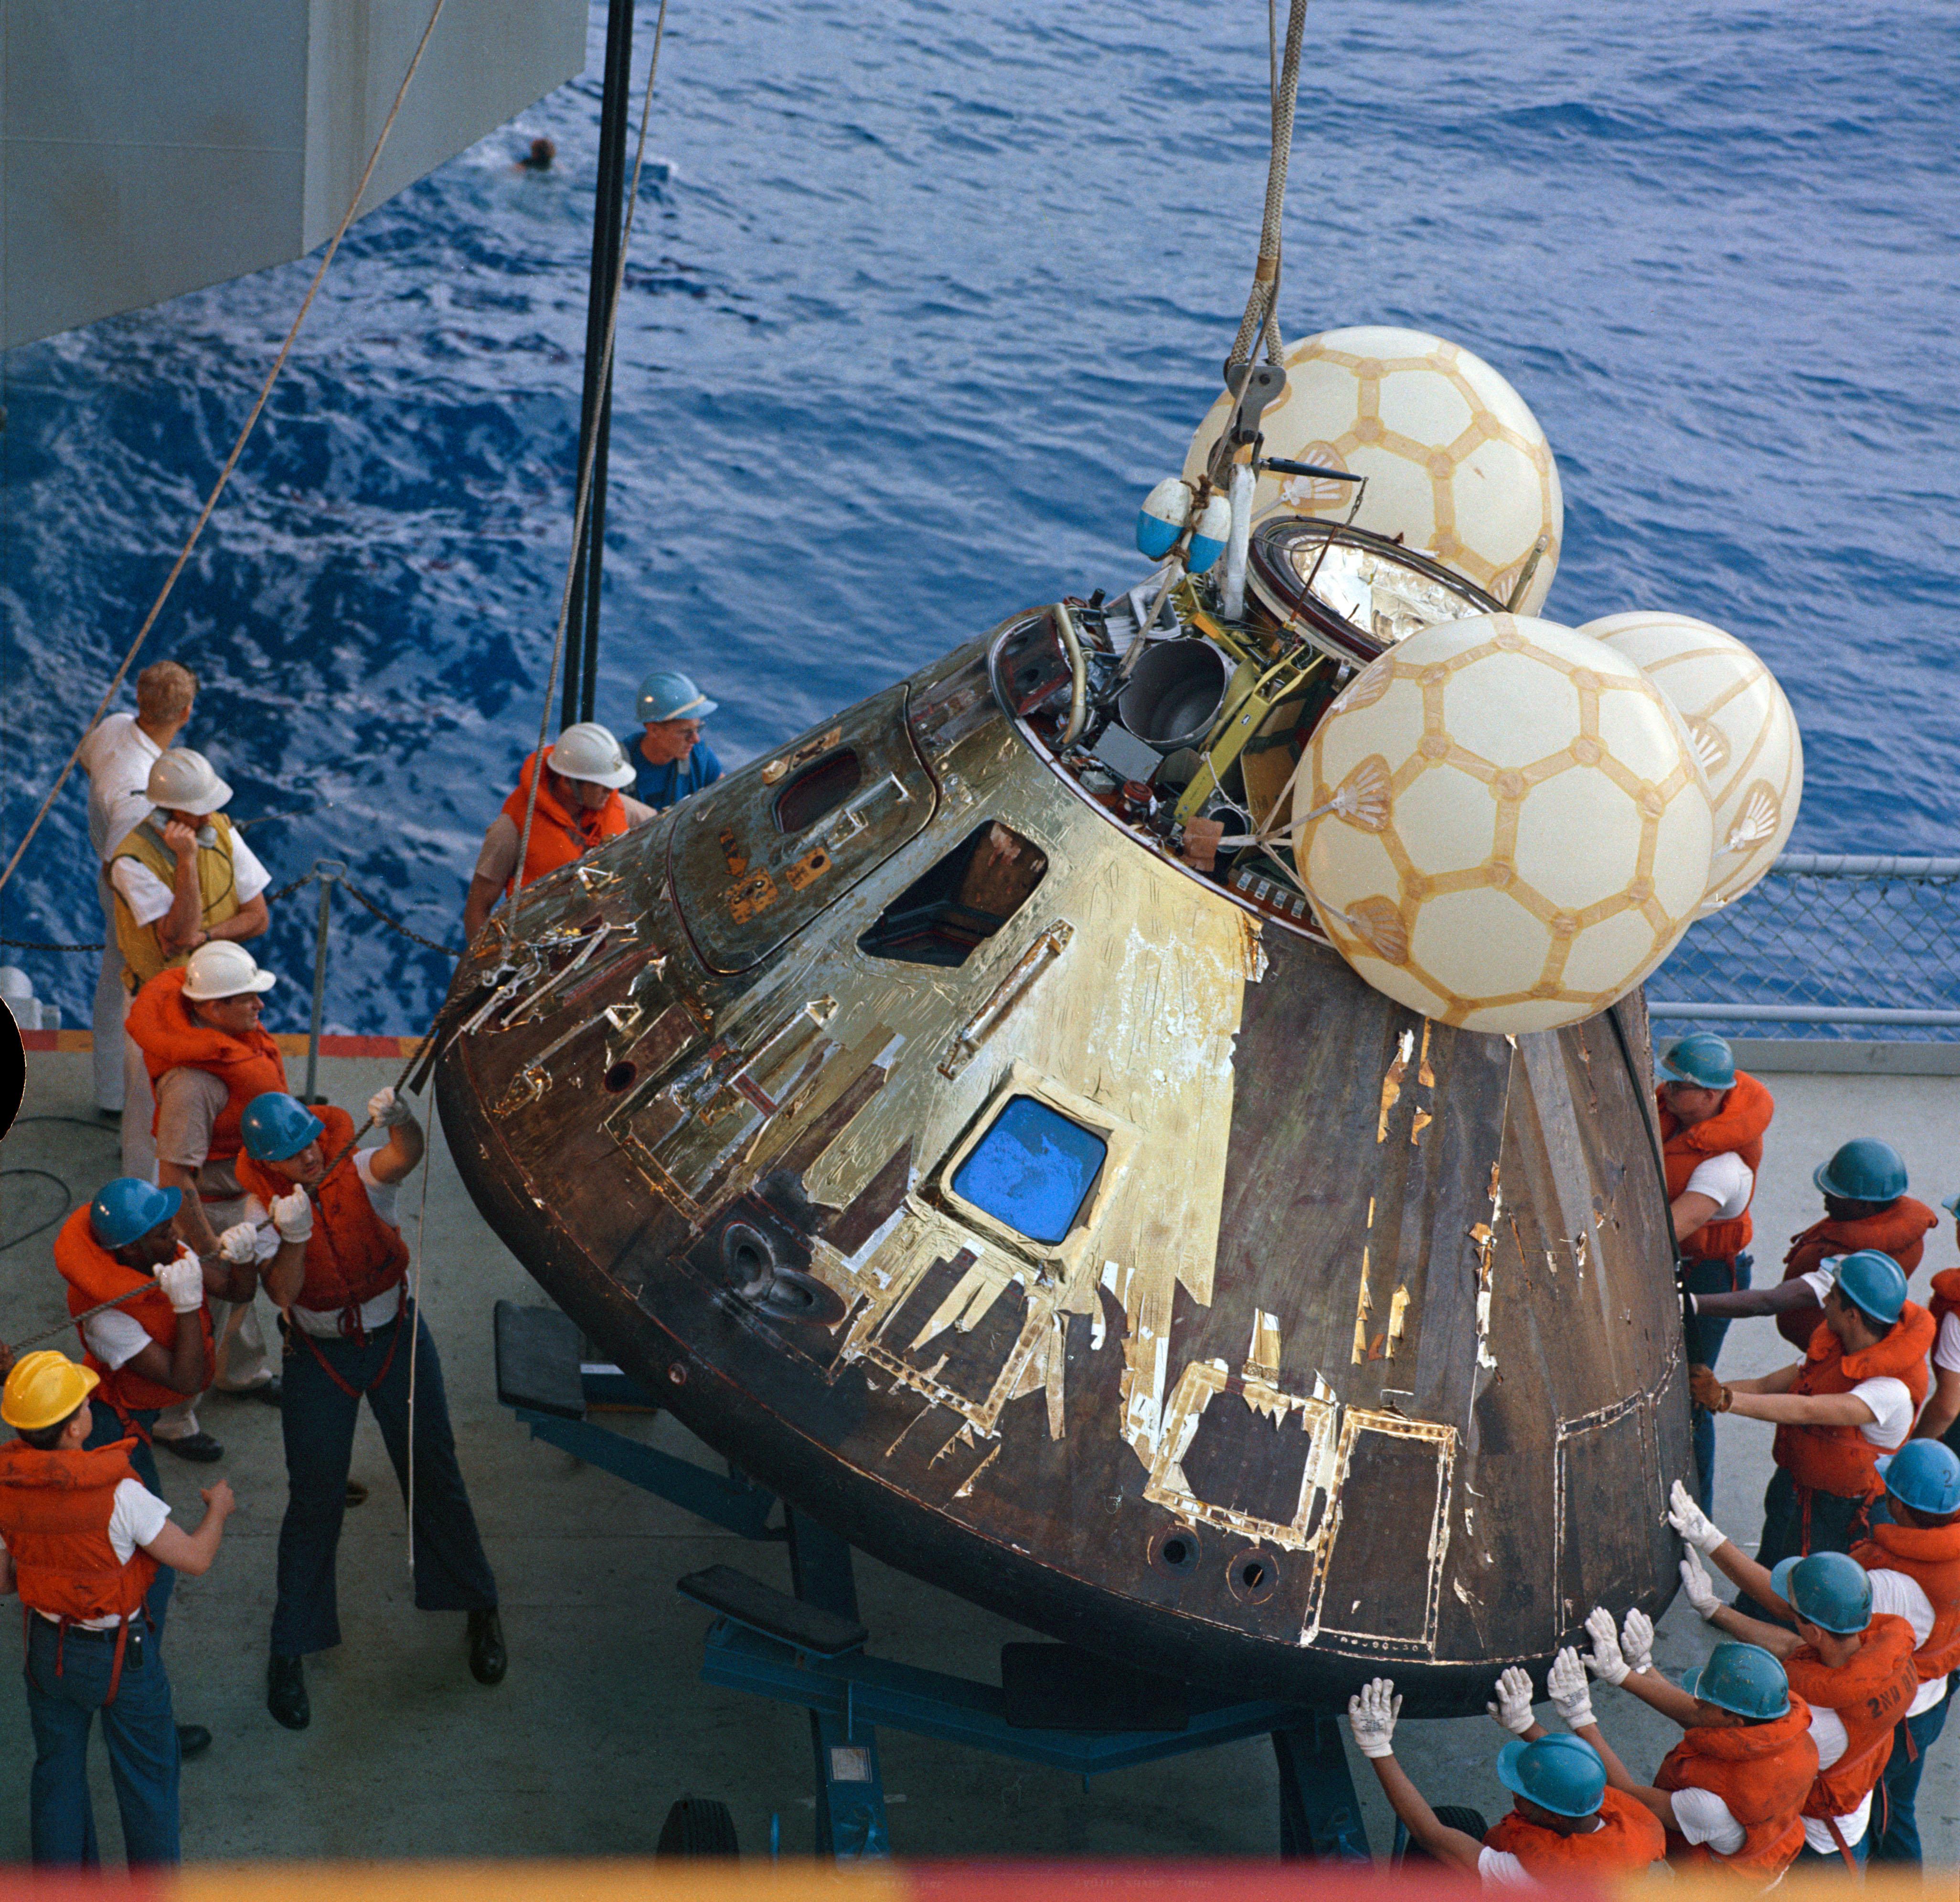 Apollo 13 - Pics about space